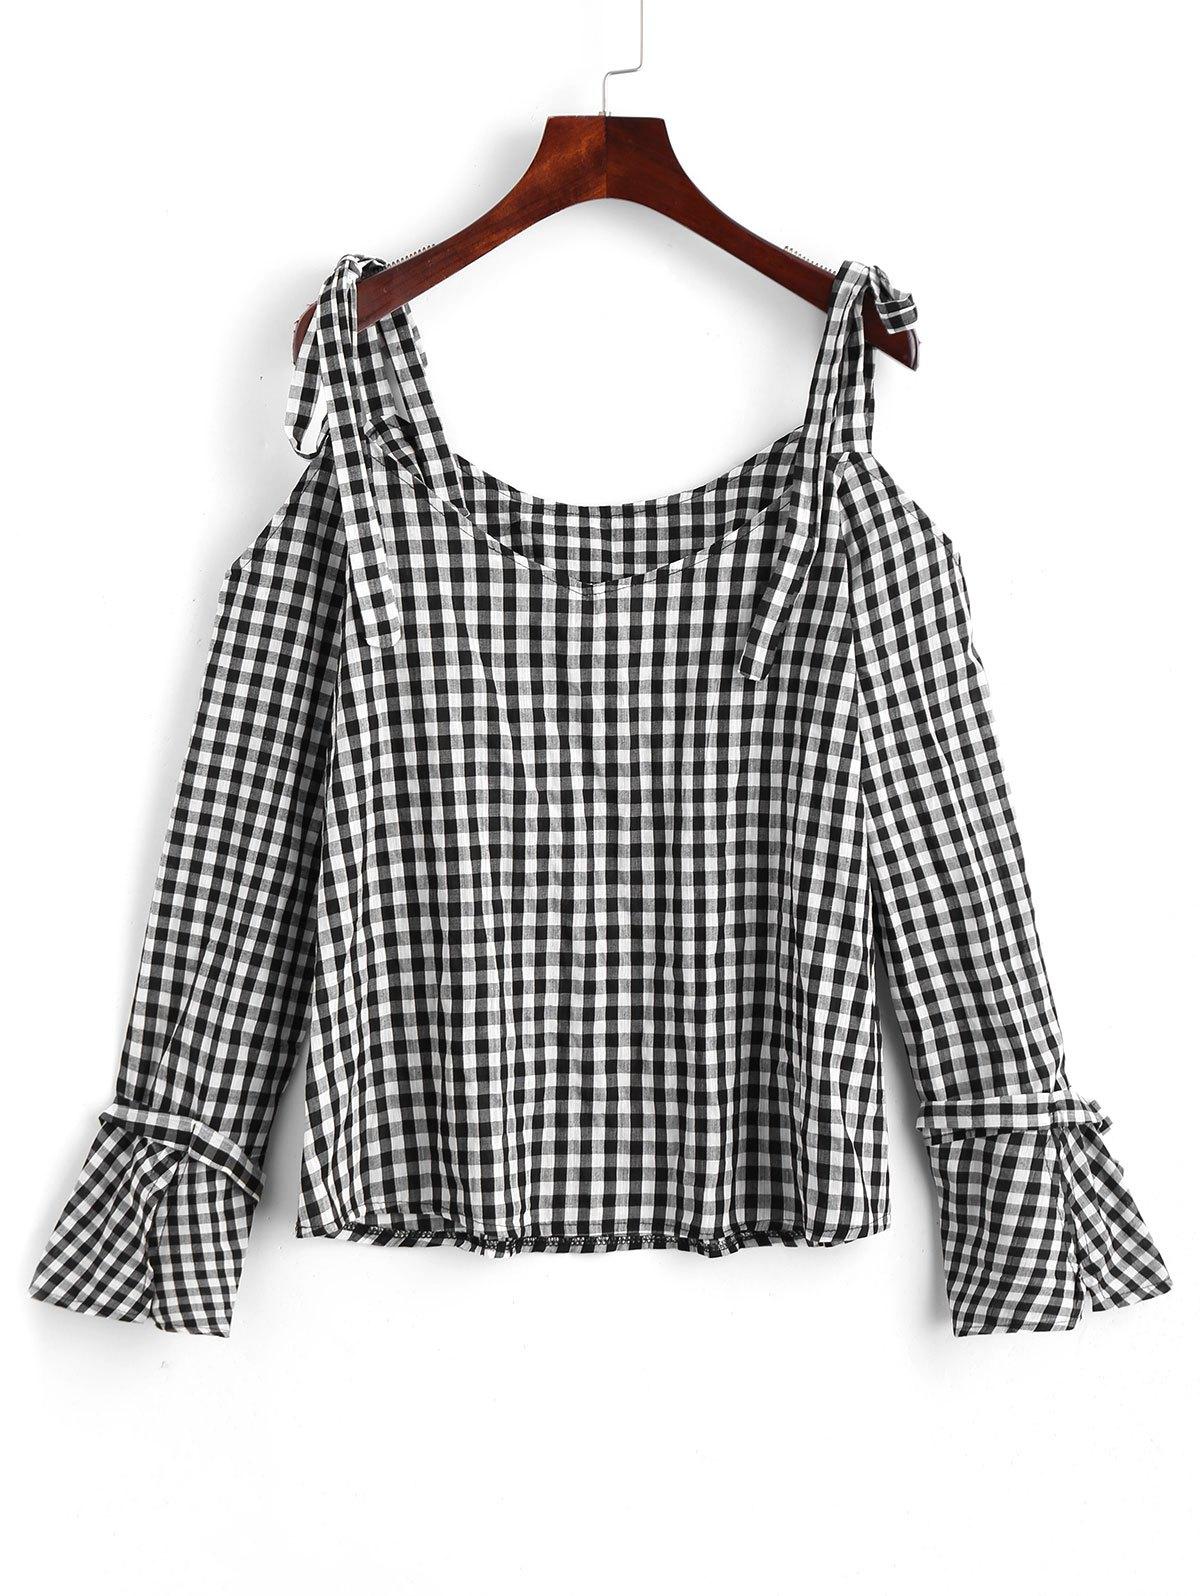 Offene rmel Plaid Cold Shoulder Bluse